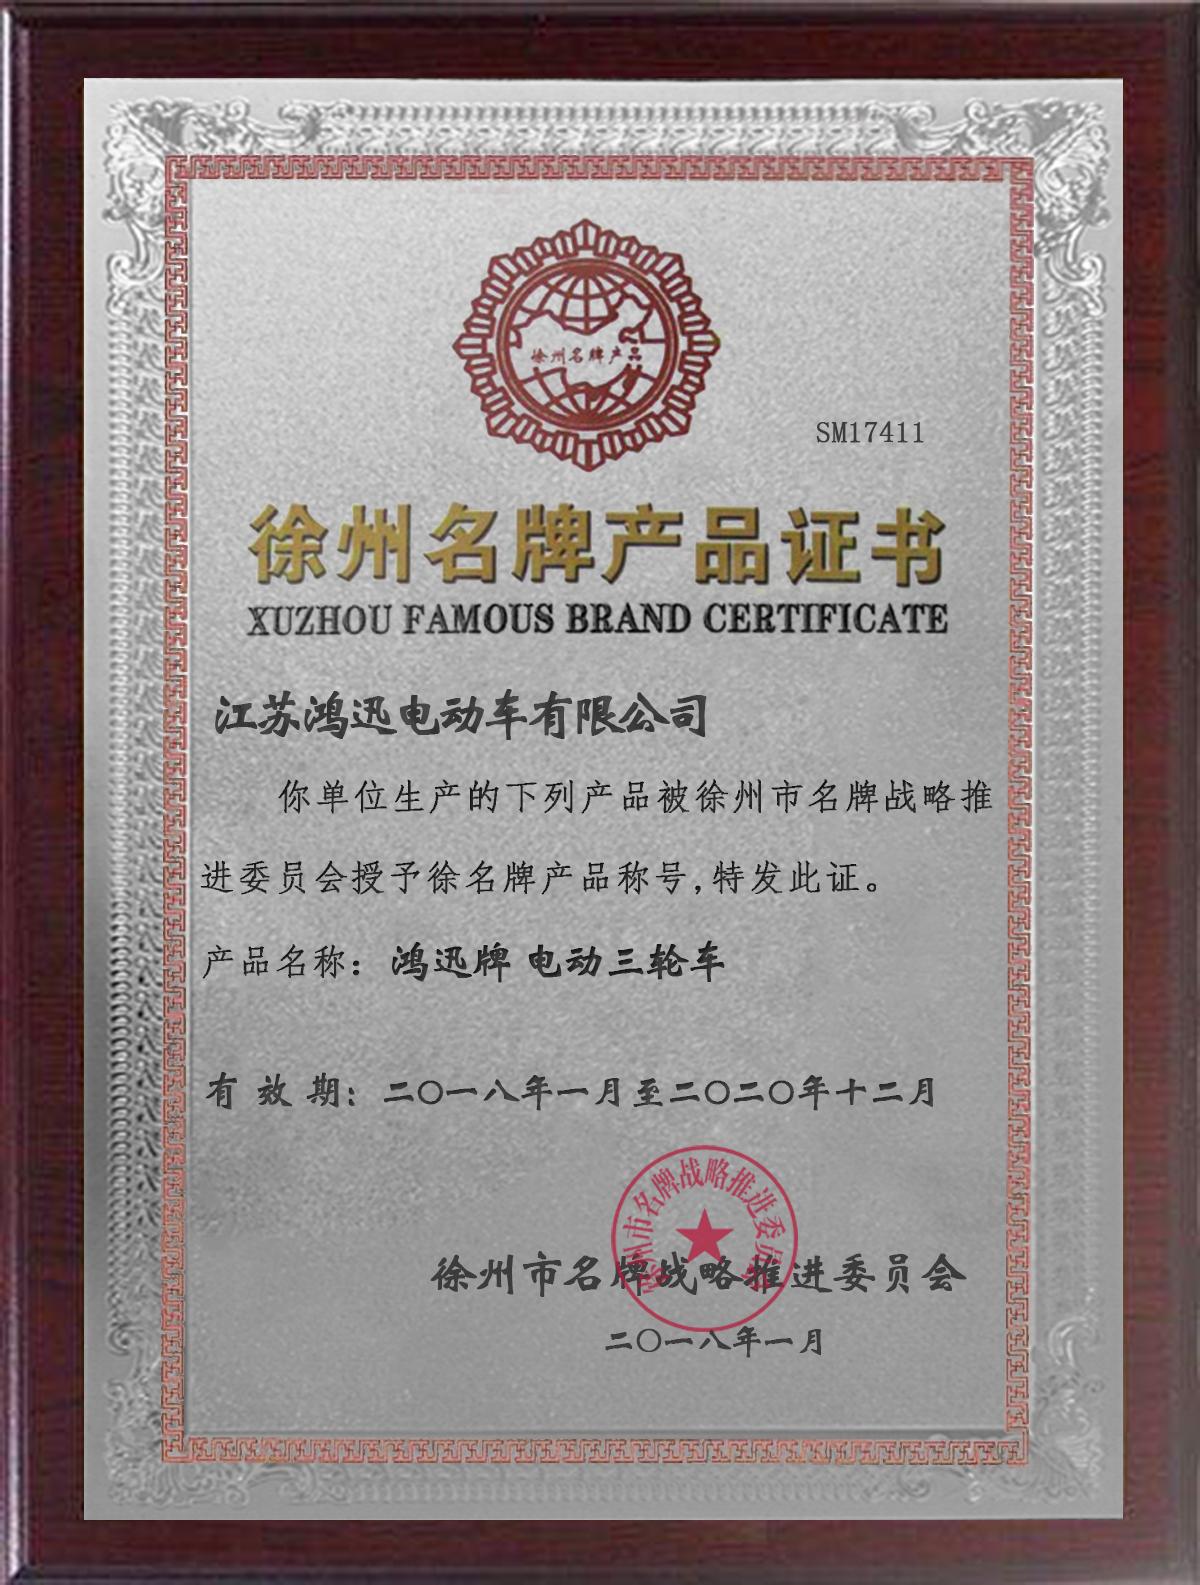 徐州市名牌产品证书